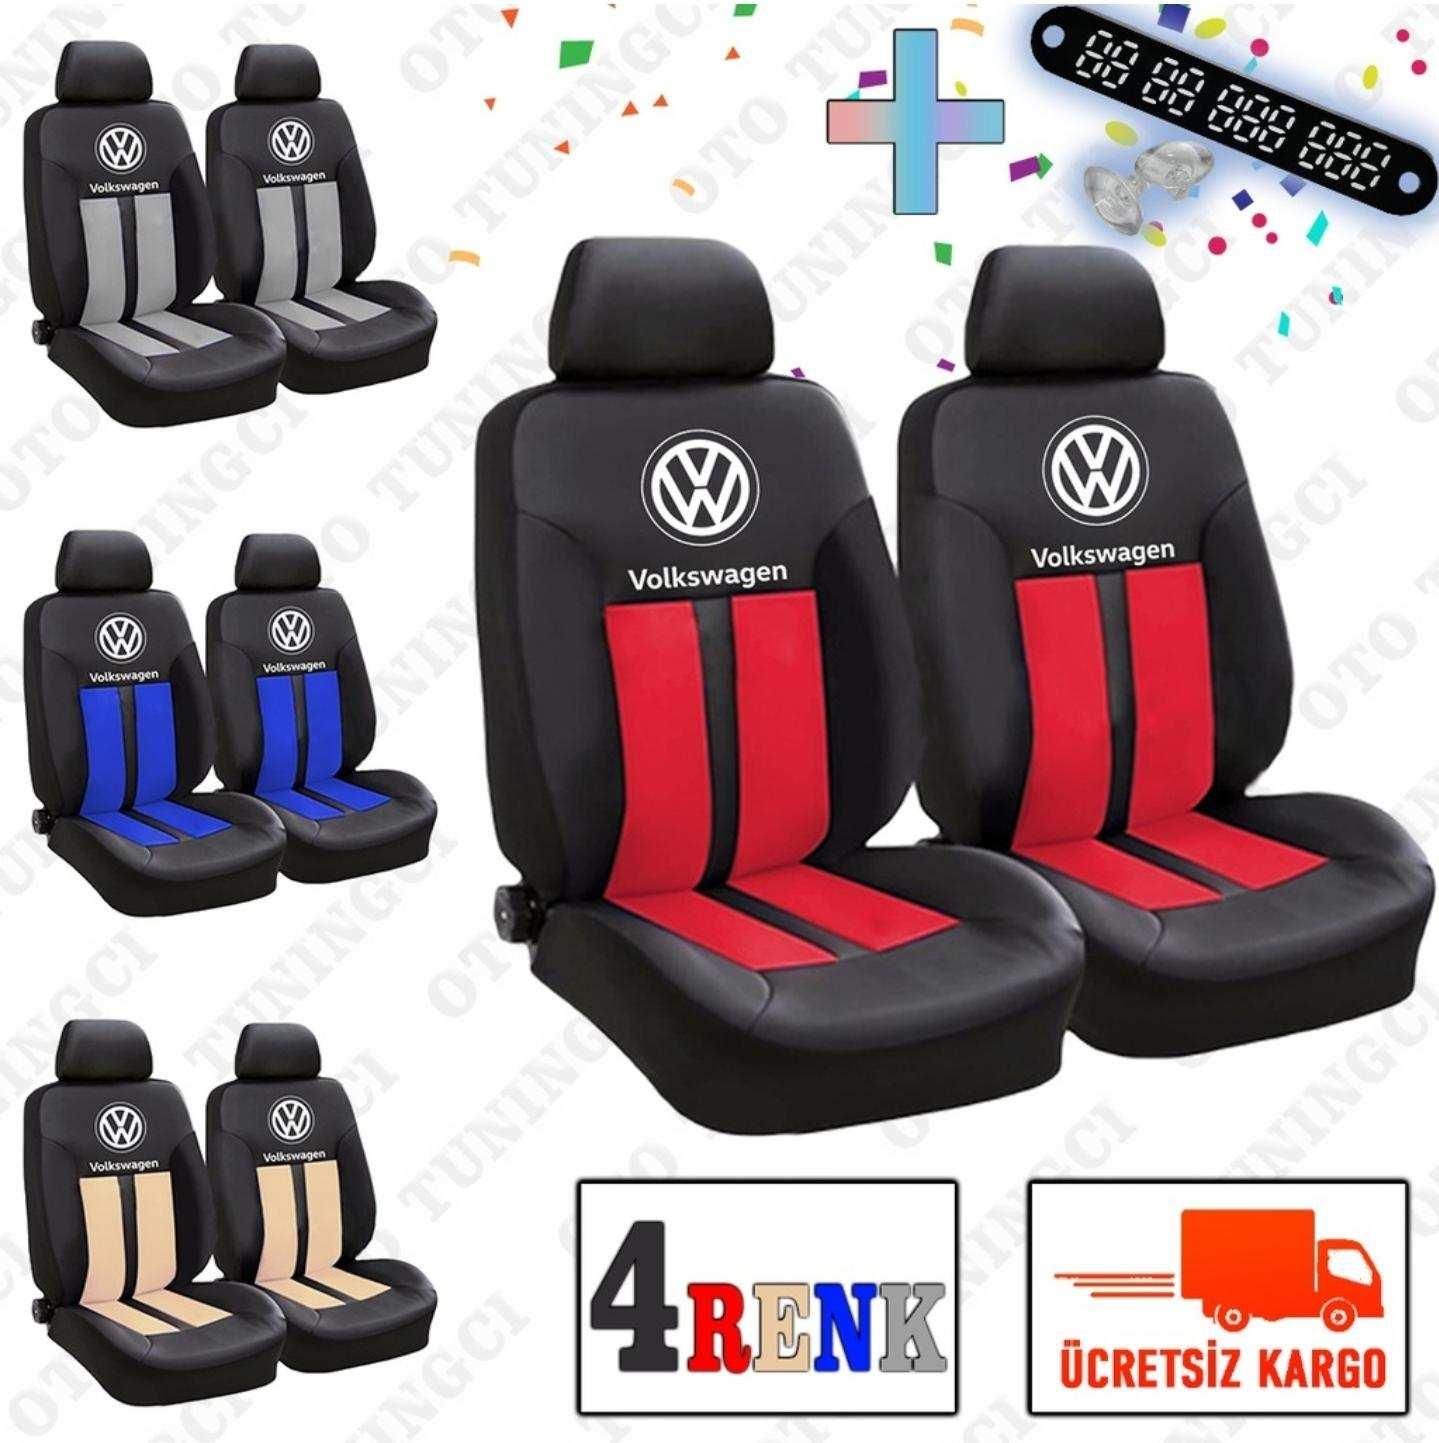 VW SPOR Şeritli Arka Kılıf Dahil Oto Koltuk Kılıfı Set + Numaramatik Parktel HEDİYE